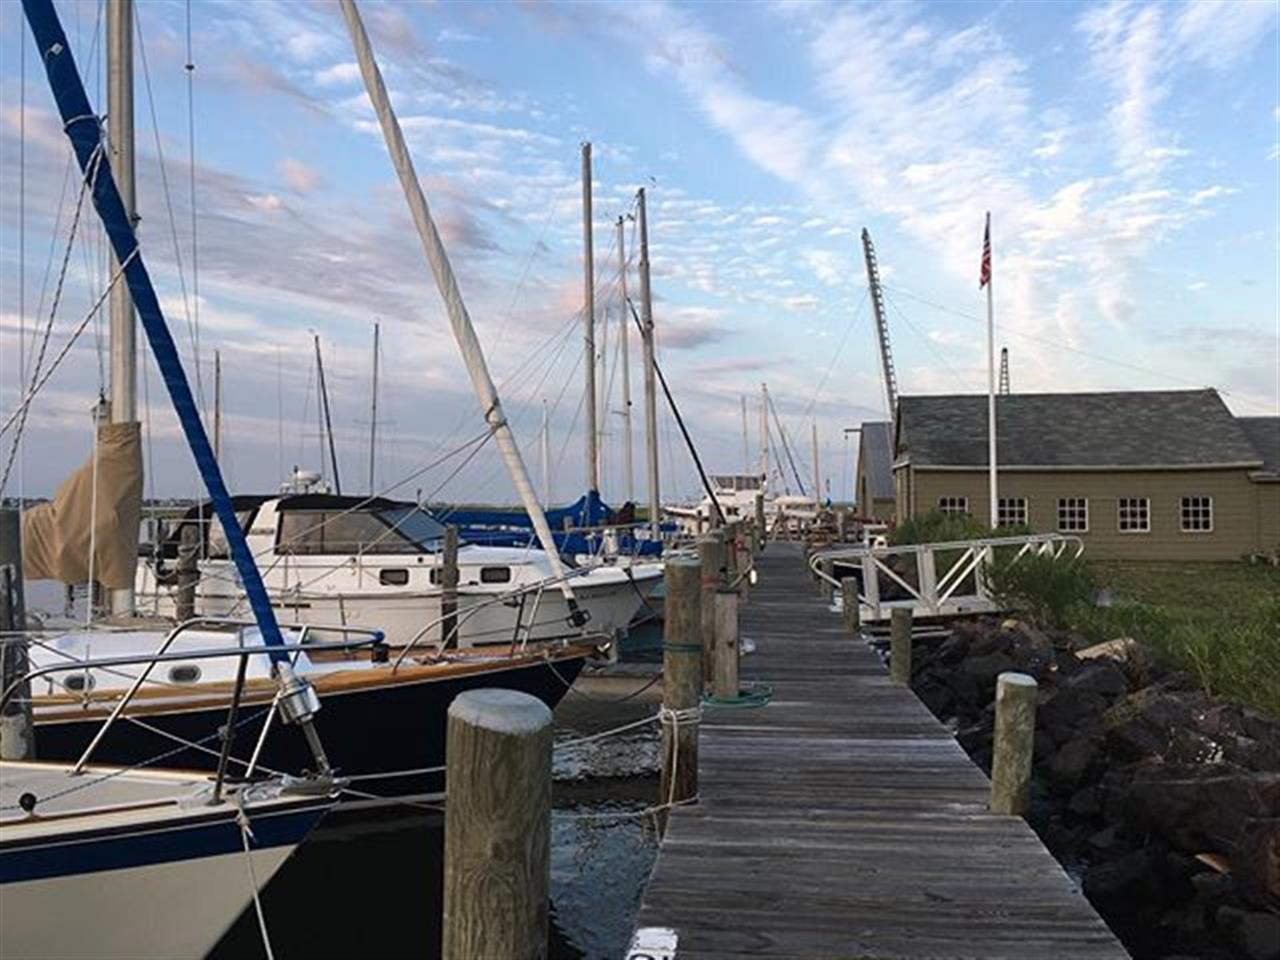 Good morning! #boats #sailboats #nj #goodmorning